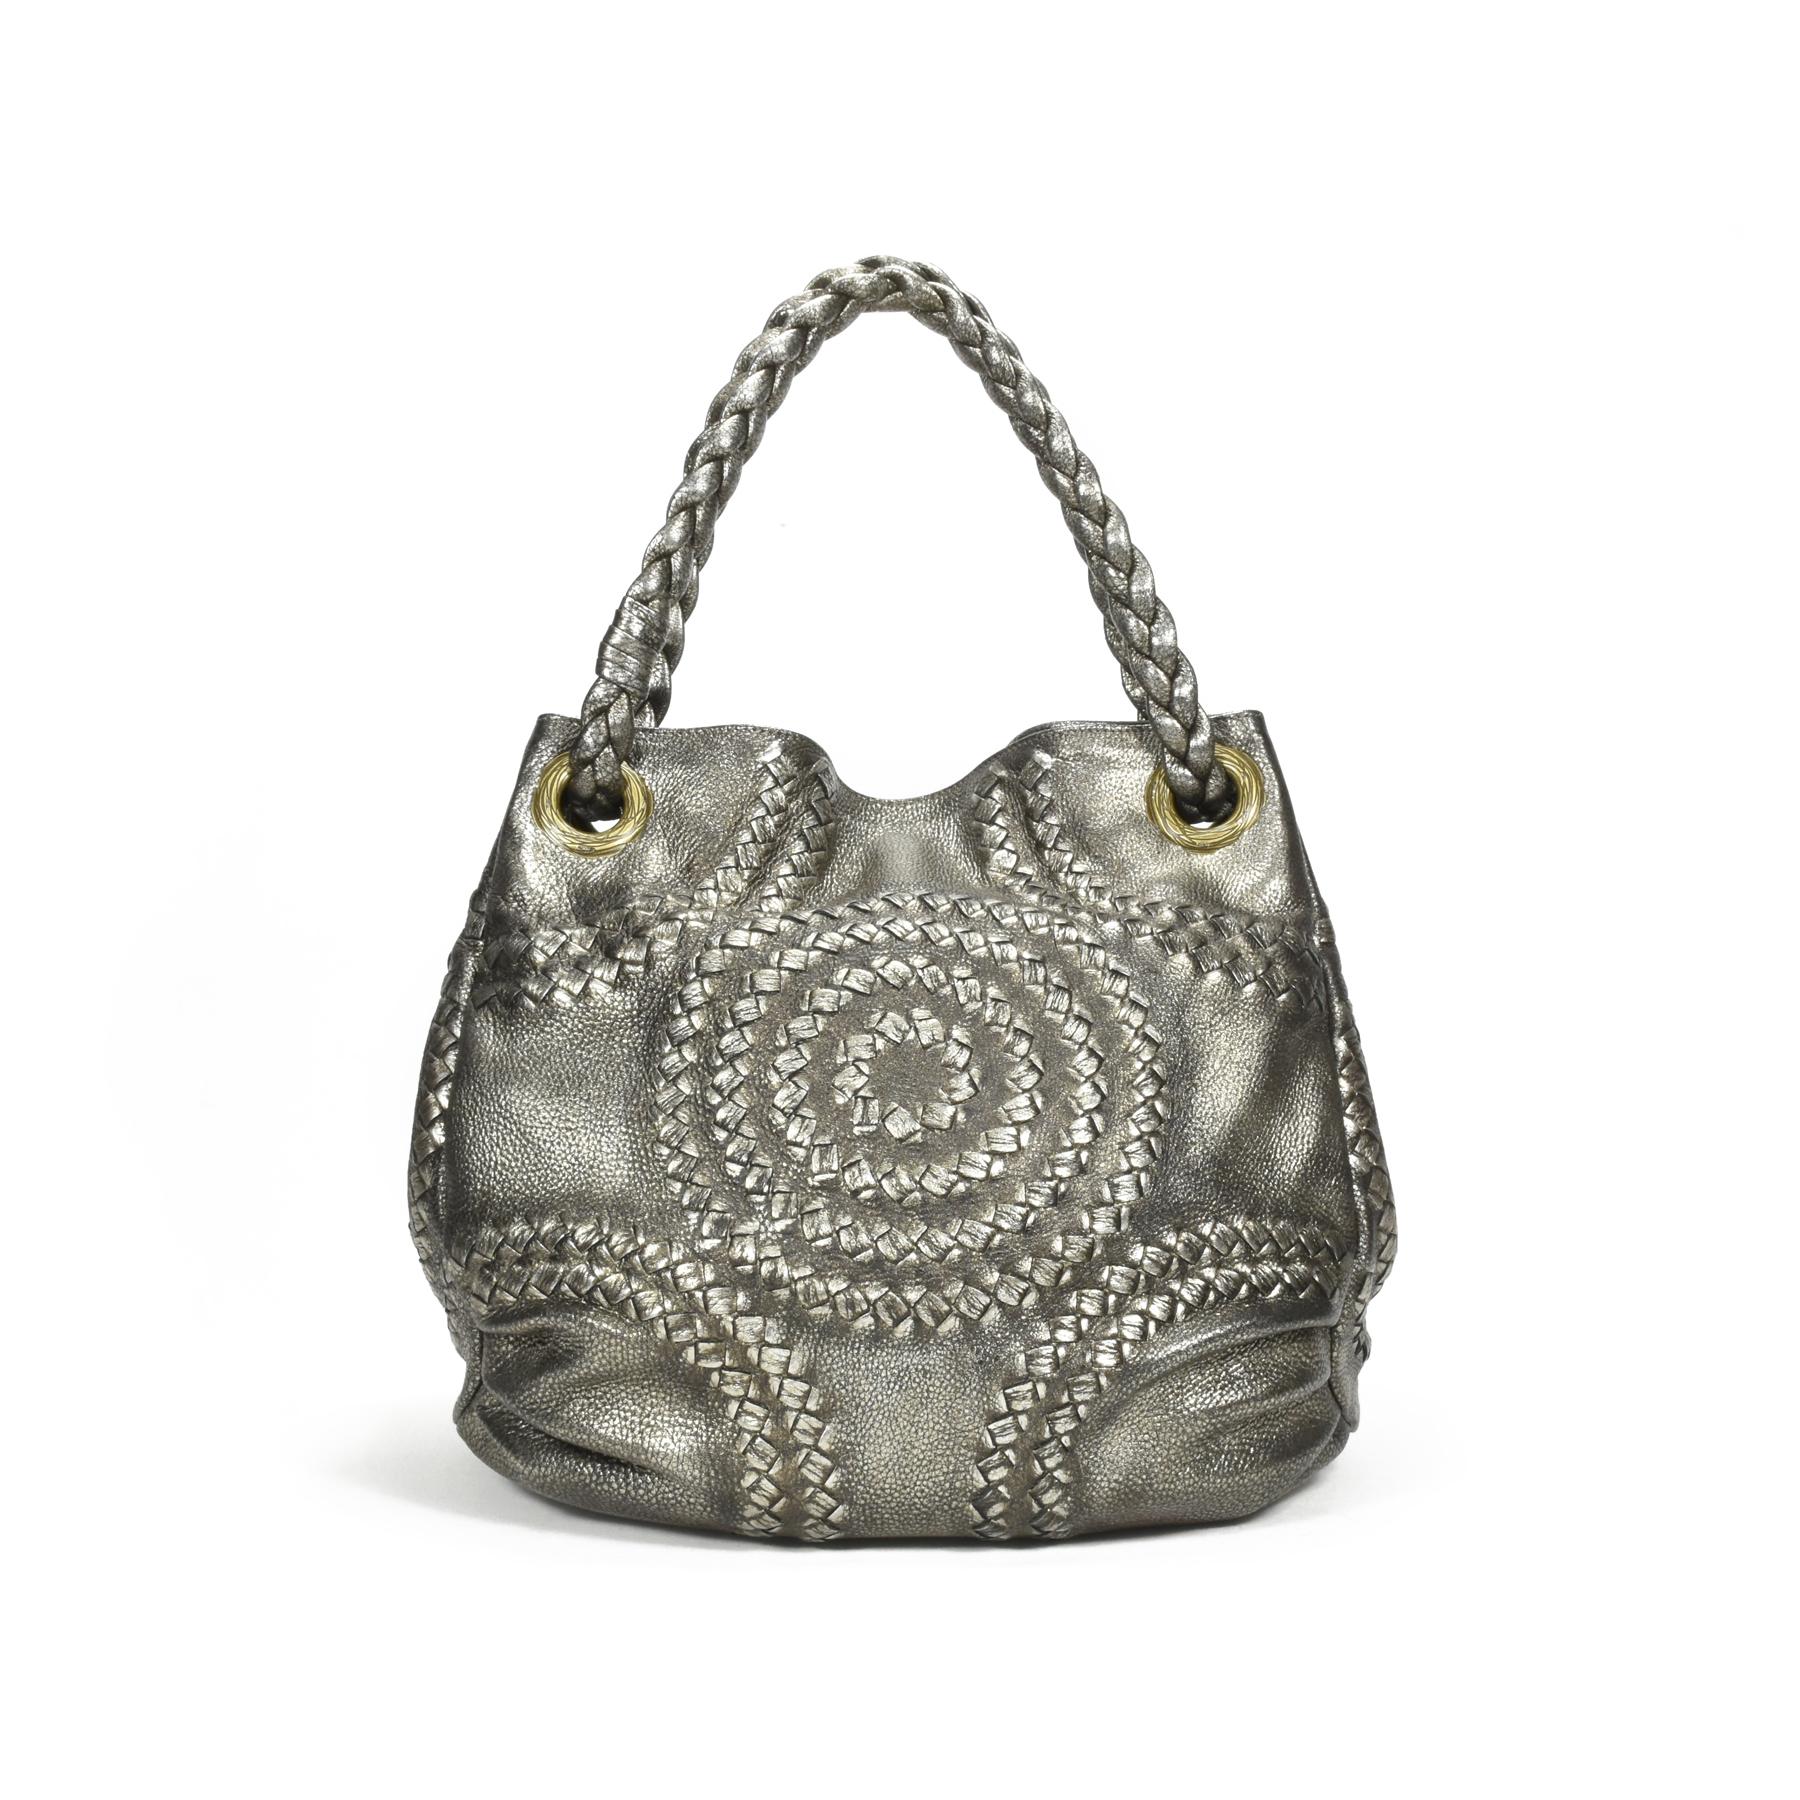 7bdd43e62b40 Authentic Second Hand Bottega Veneta Intrecciato-Trimmed Tote Bag  (PSS-240-00161)